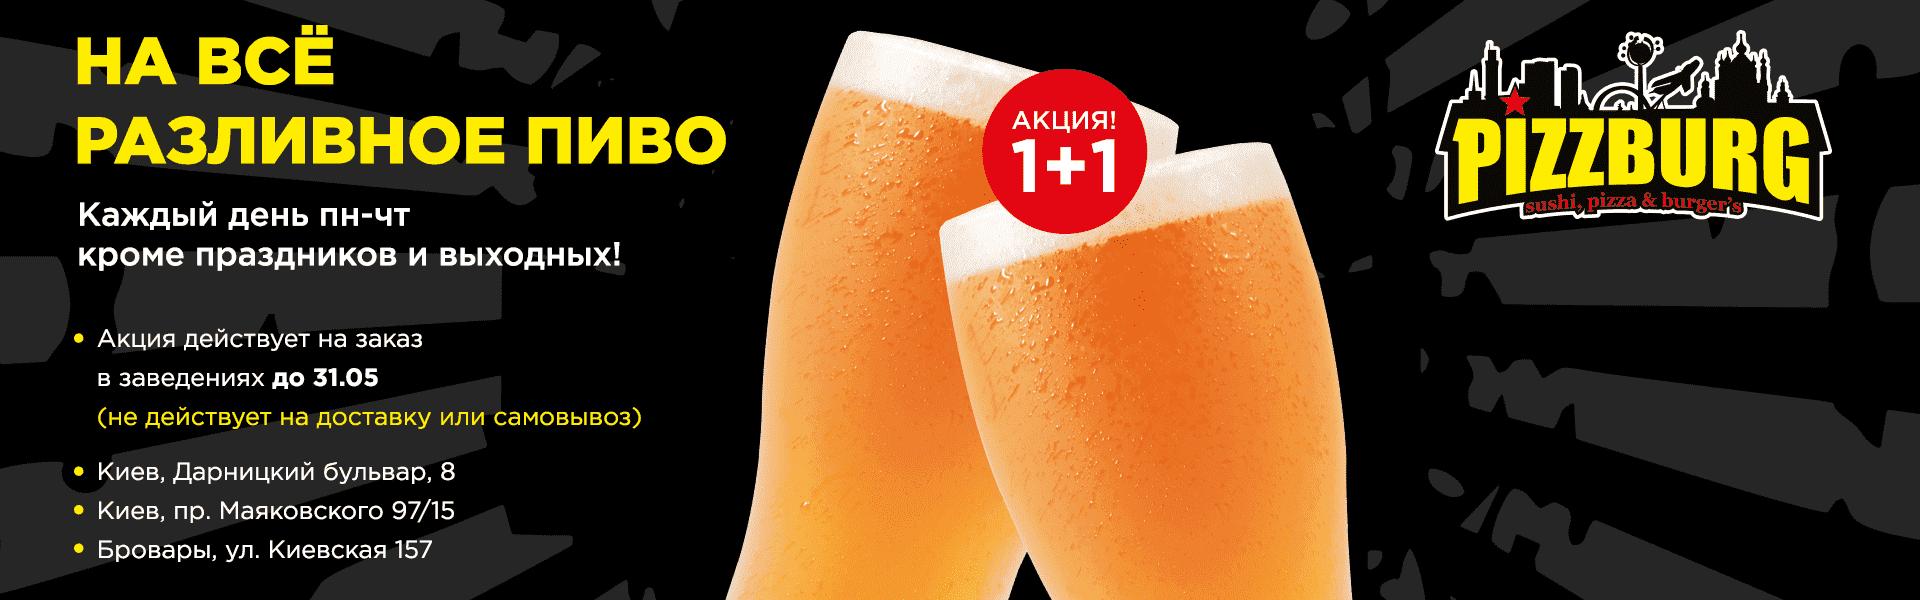 """Фото - Акция """"Пиво 1+1"""" - Пиццбург"""